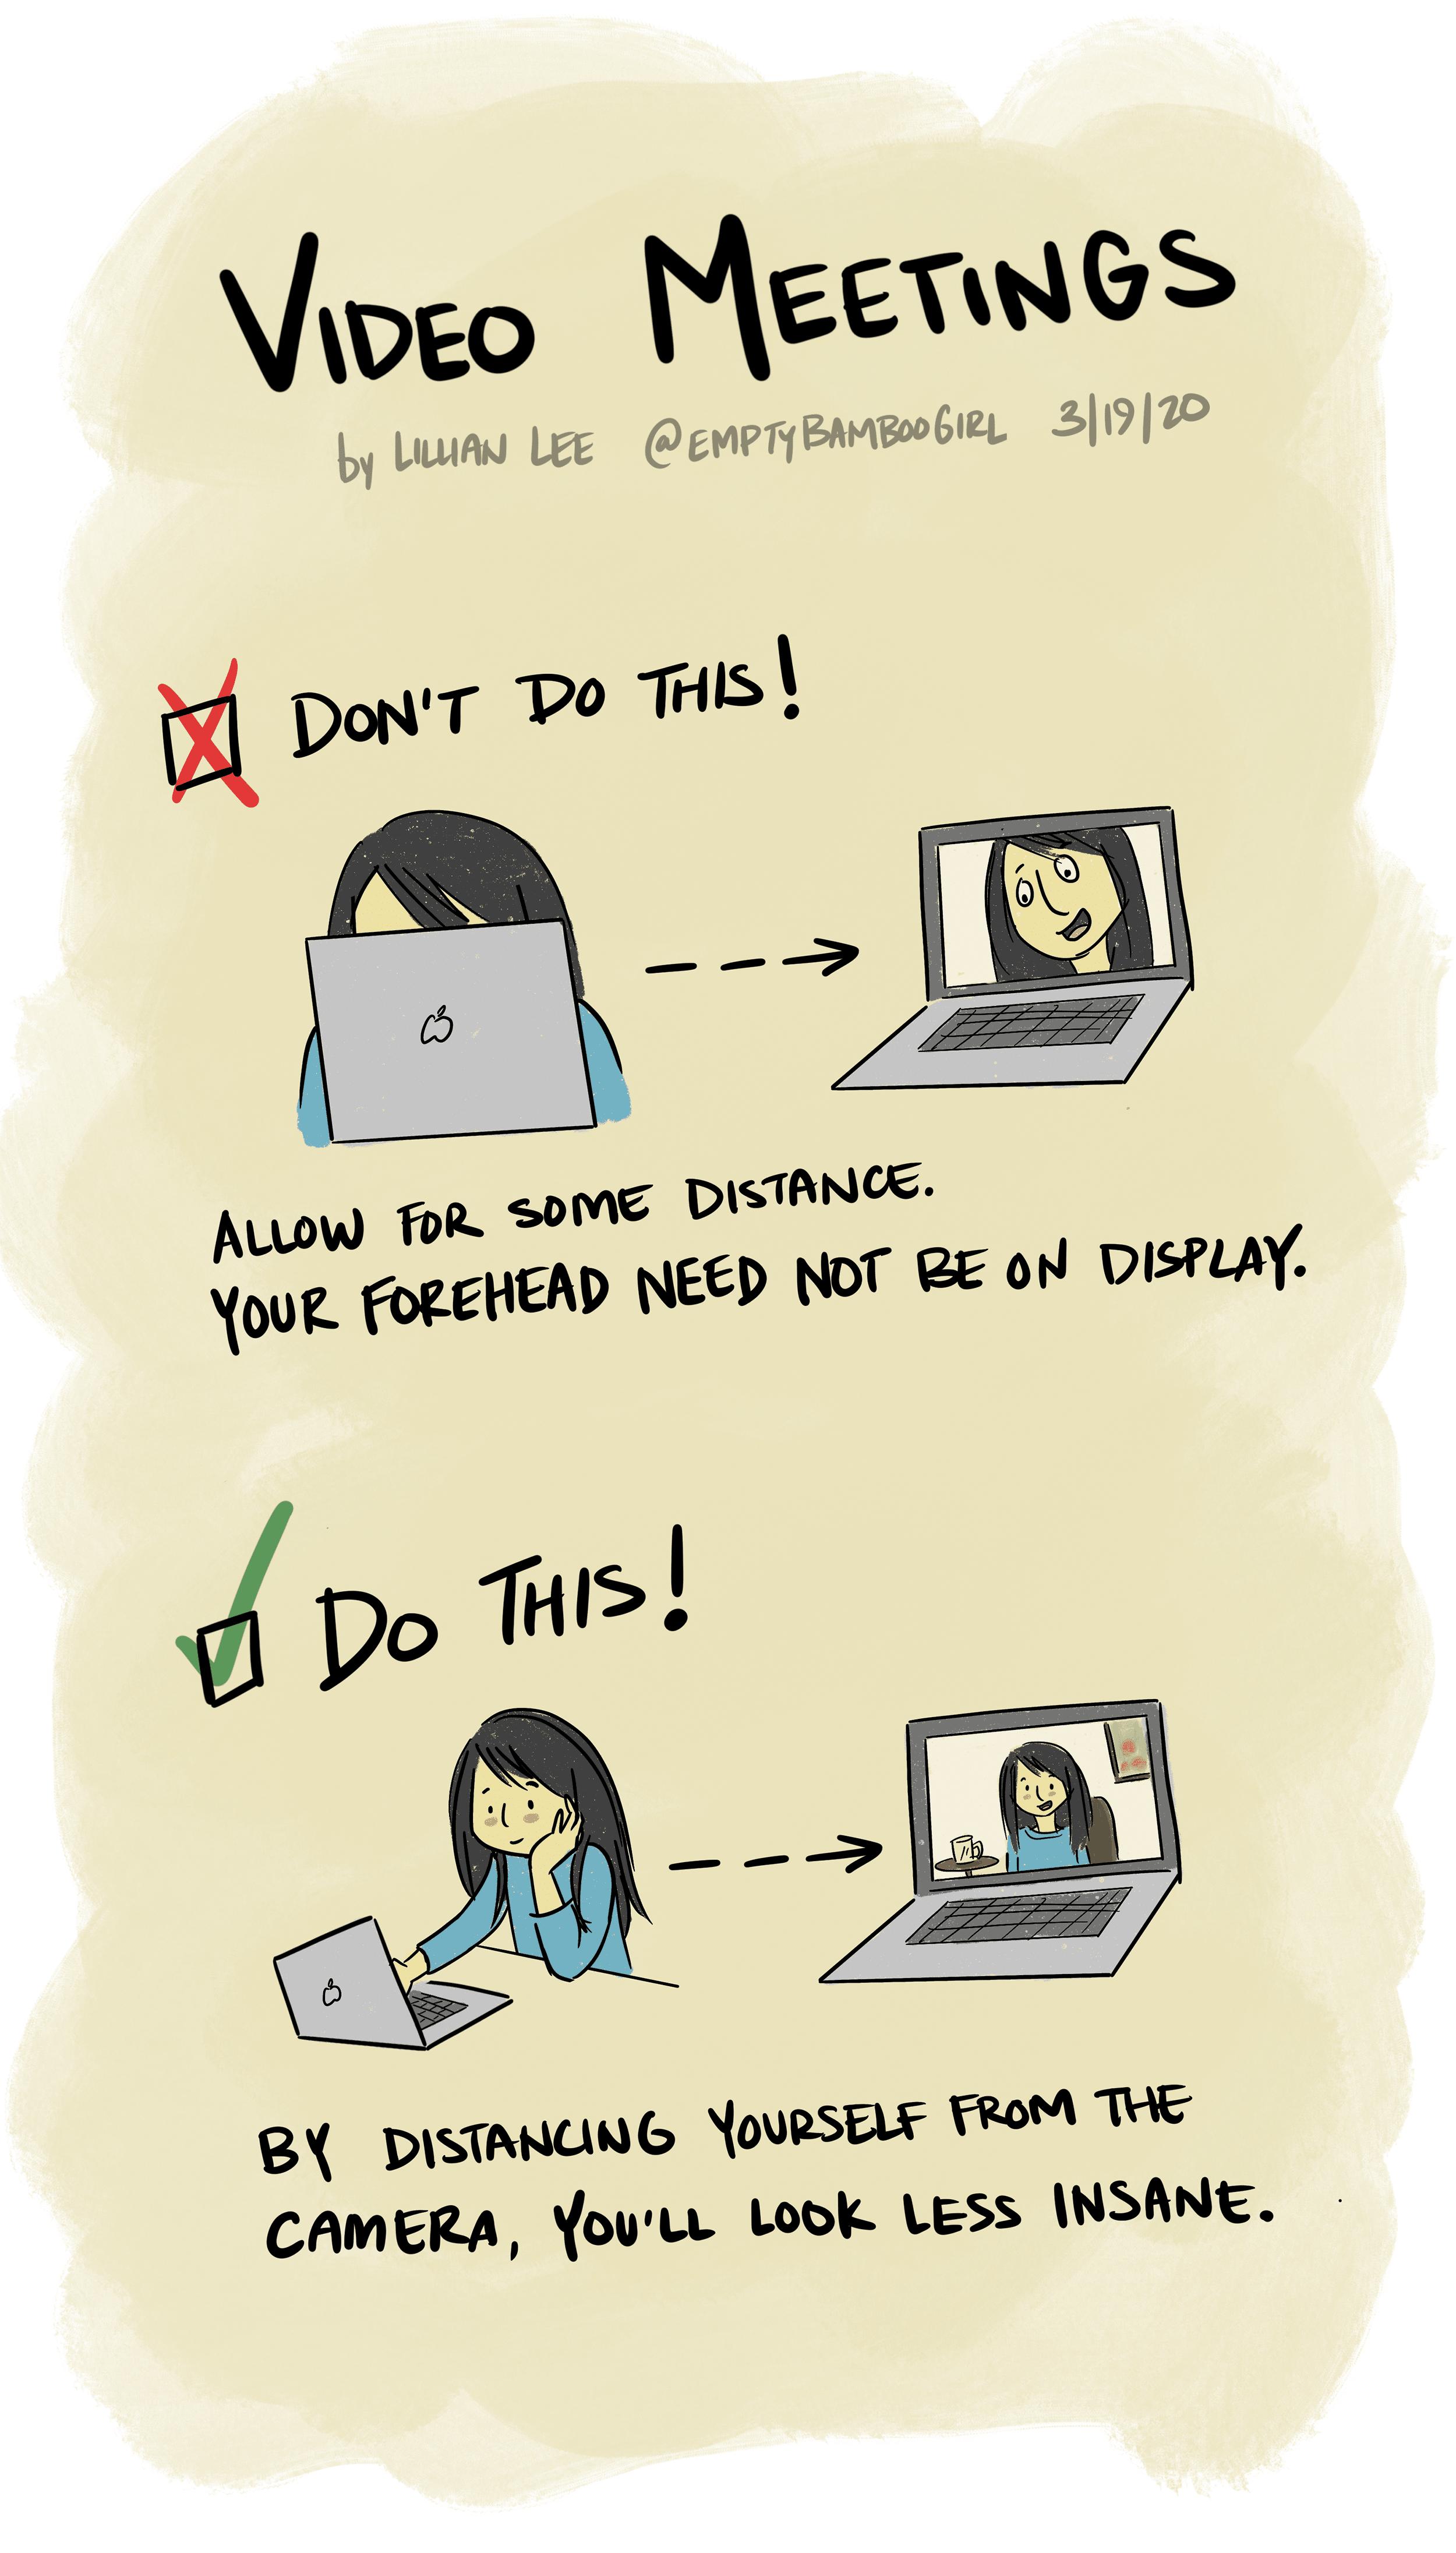 A Tip on Video Meetings